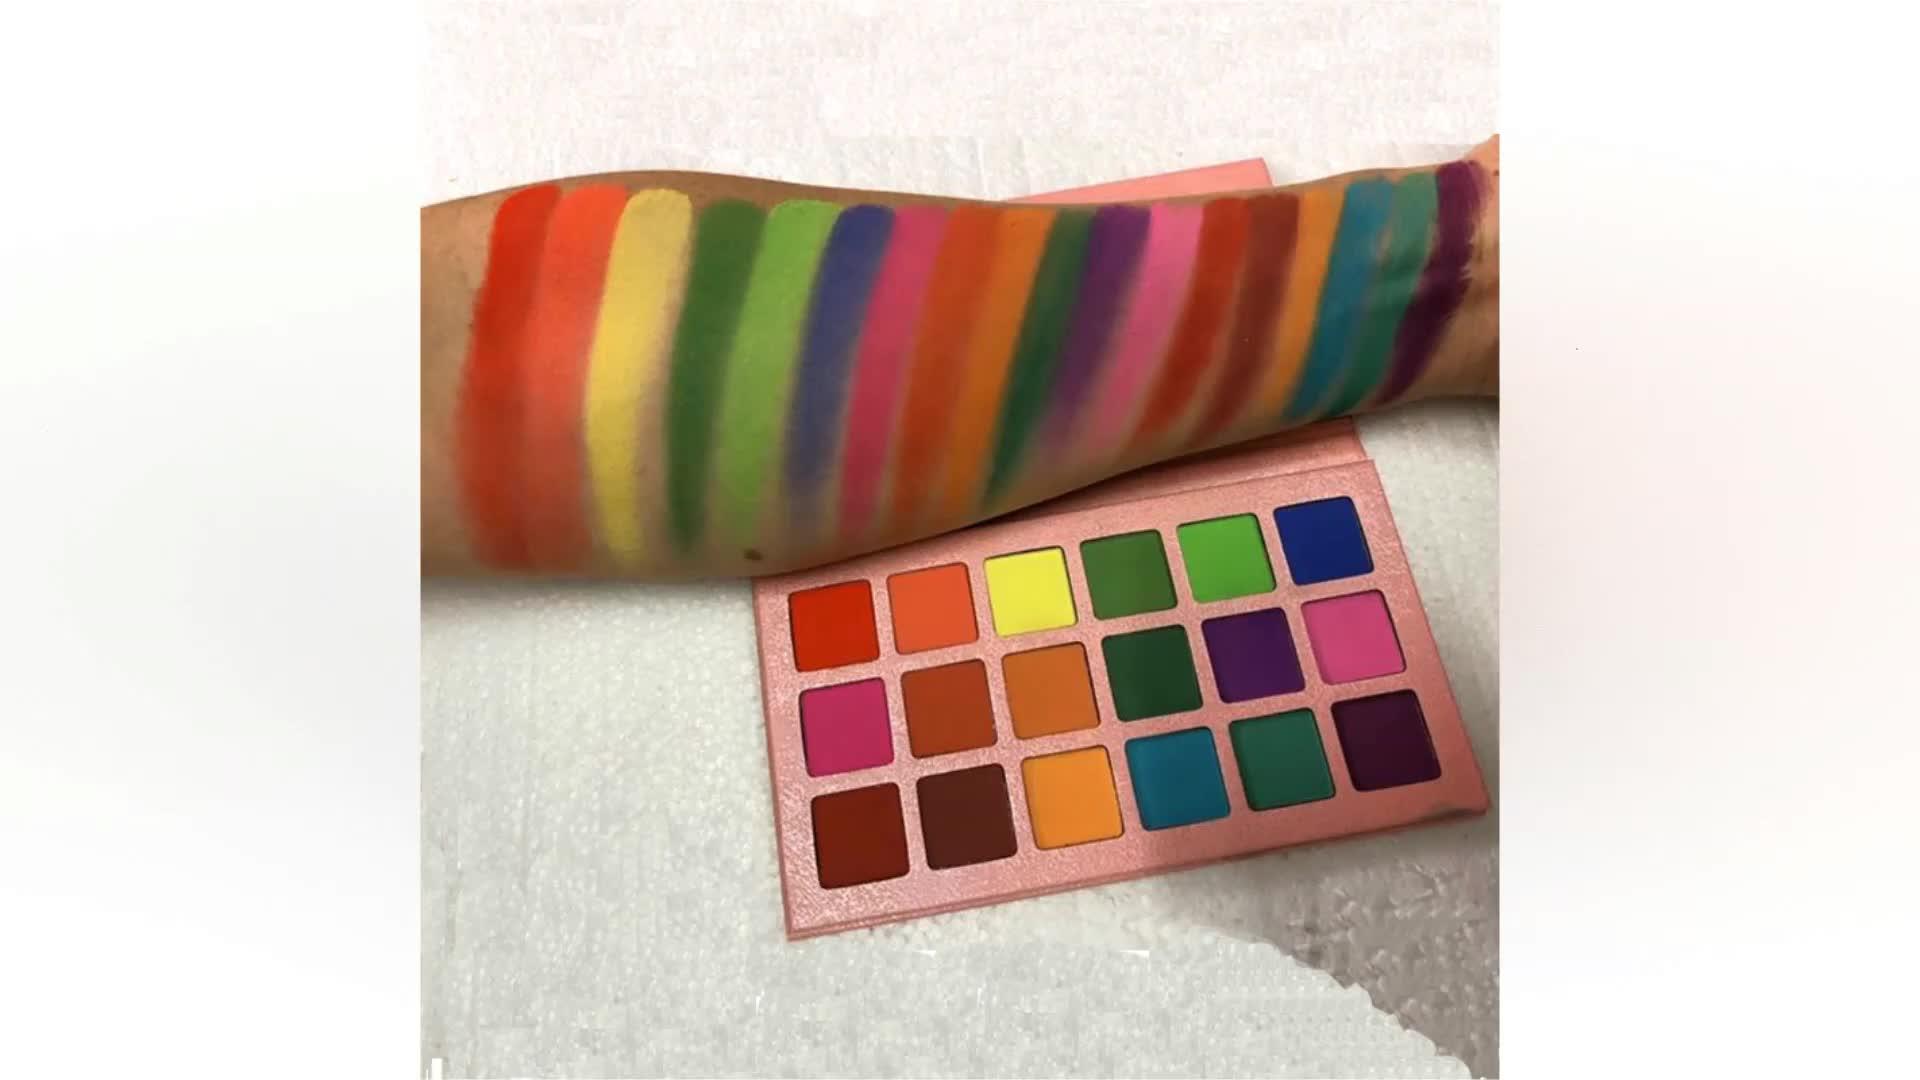 संयुक्त राज्य अमेरिका के लिए 18 रंग गर्म उत्पादों 2019 आँख छाया तटस्थ निजी लेबल कस्टम लोगो आंखों के छायाएं पैलेट